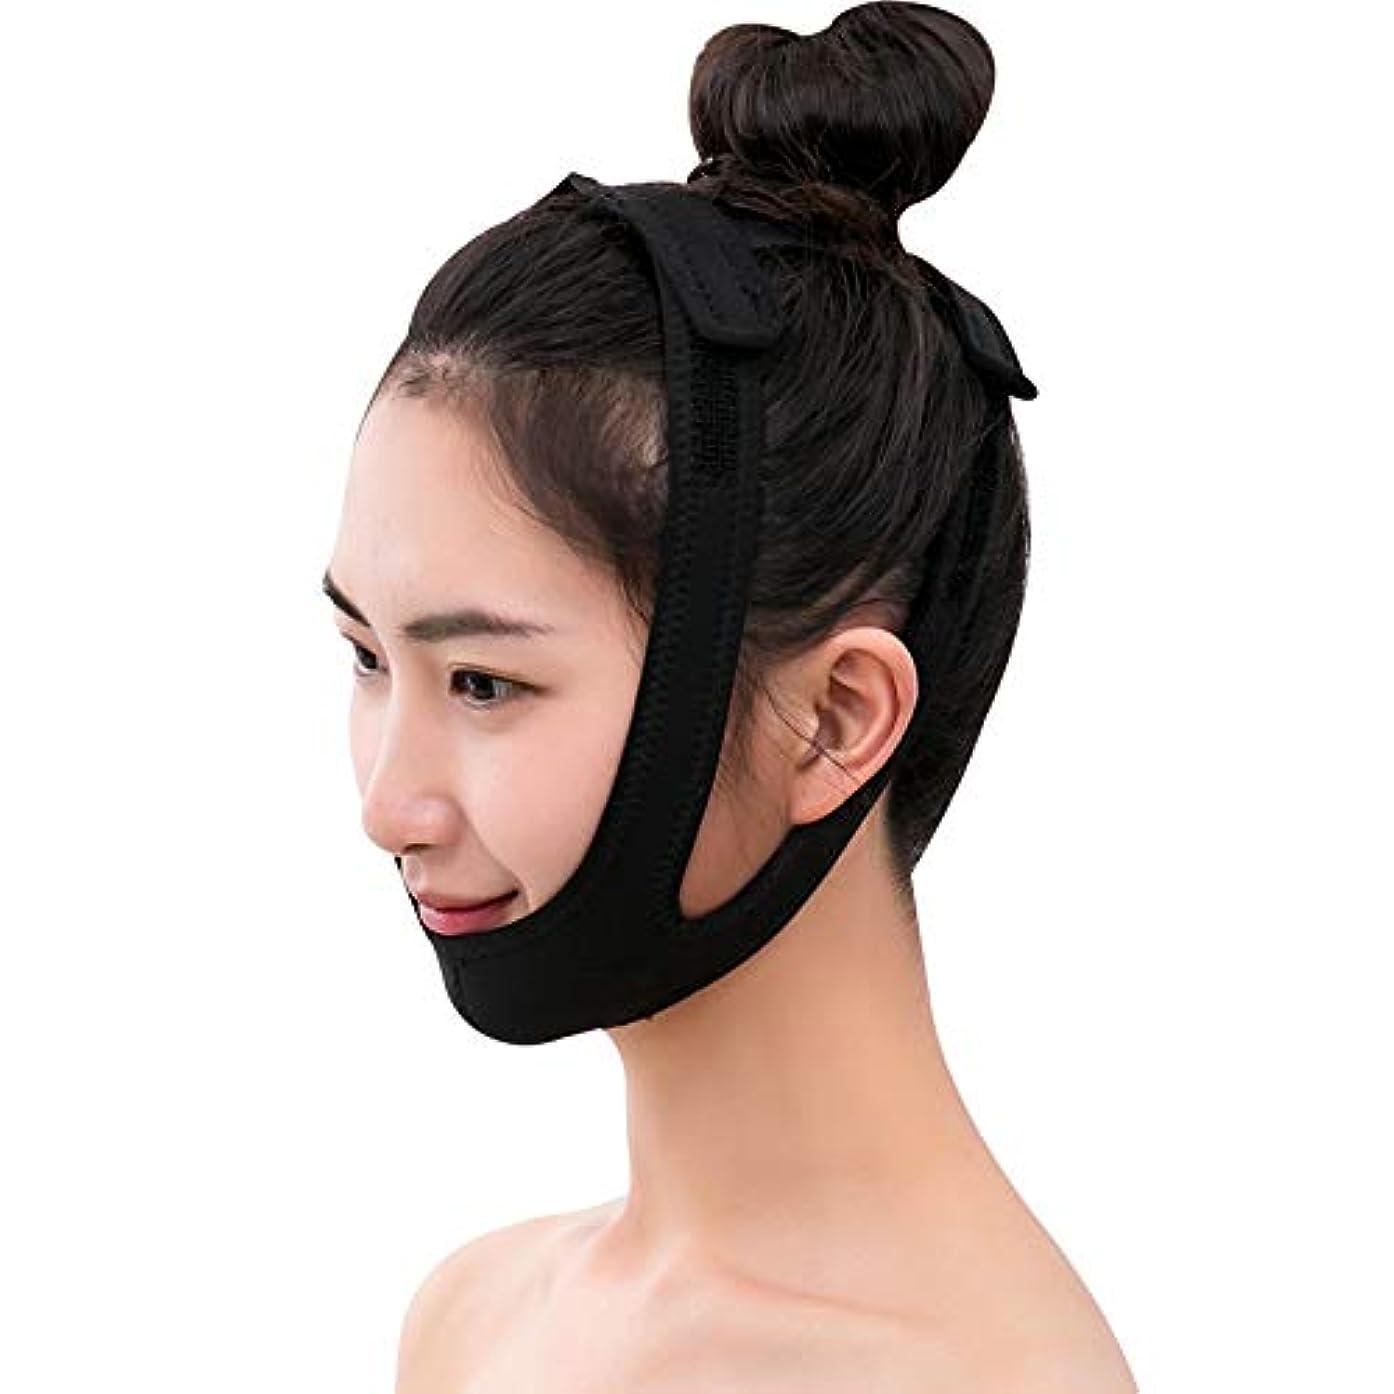 ごちそう環境に優しい真実フェイスリフトベルト 薄いフェイスバンド - 薄い顔の包帯ビューティーインストゥルメントフェイシャルリフト睡眠マスク法Vフェイスマスクの通気性を作る